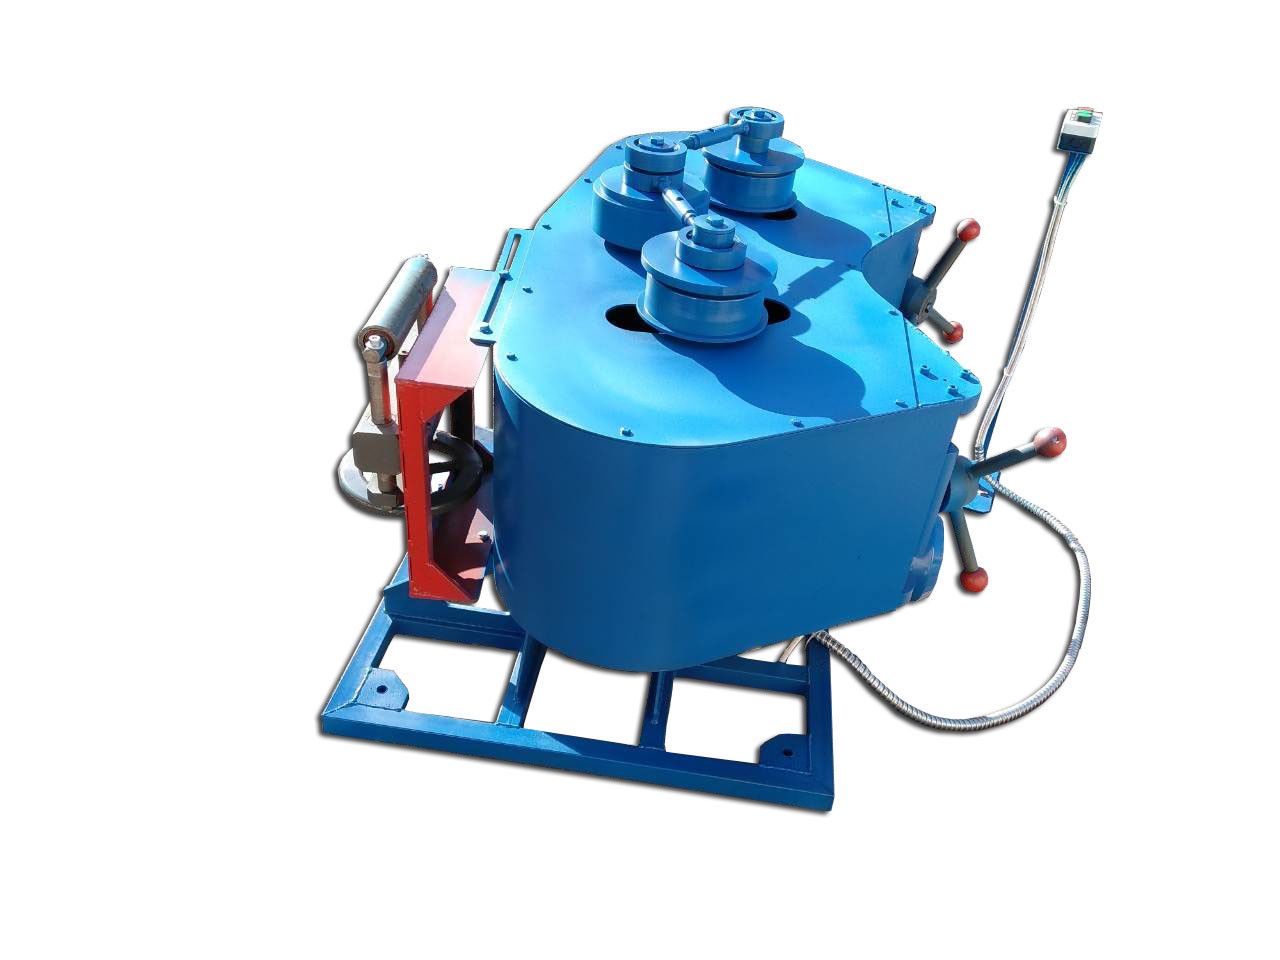 Трубогиб для профильной трубы горизонтальный PRM 60G | Профилегиб электрический